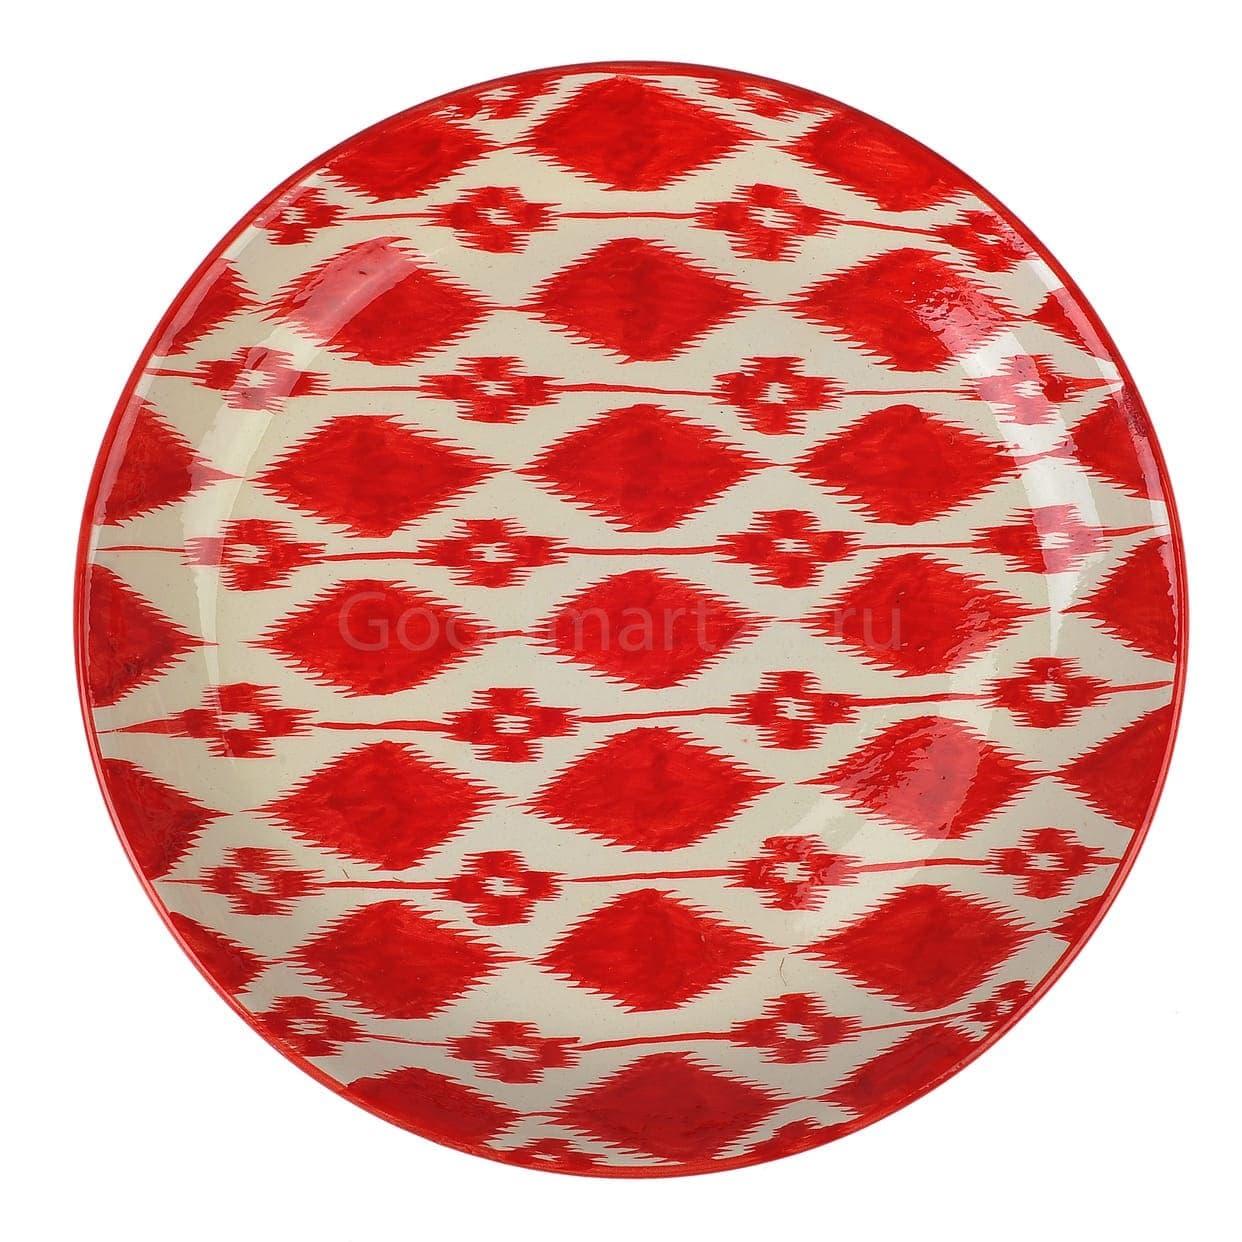 Ляган Риштанская Керамика 38 см. плоский, Красный Атлас - фото 9384